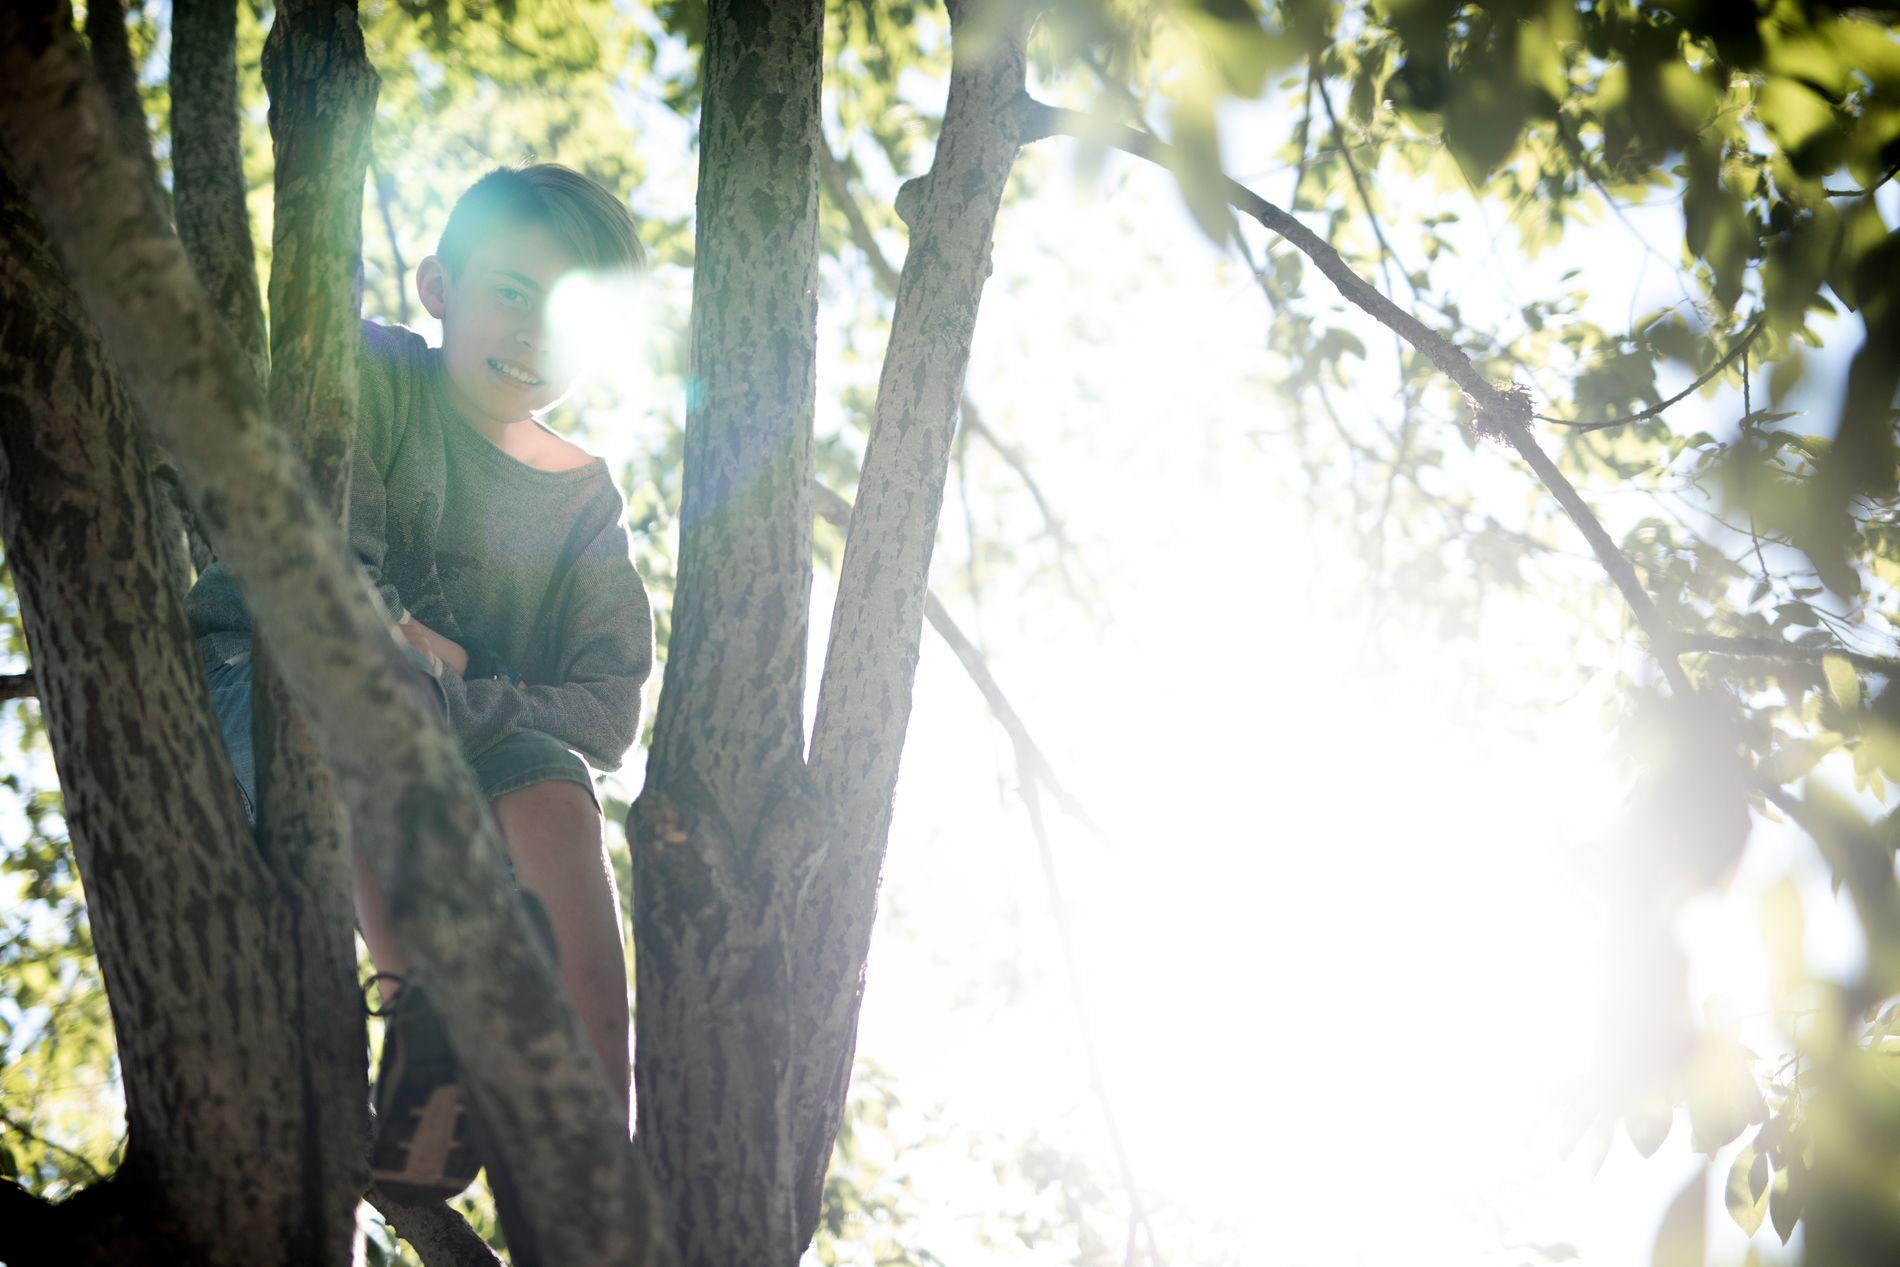 KLATRER: Trær er som trekkplaster for August. Da han begynte i den nye skolen, oppdaget han trærne i skolegården. De gikk fint an å klatre i, og det var helt greit for skolen.